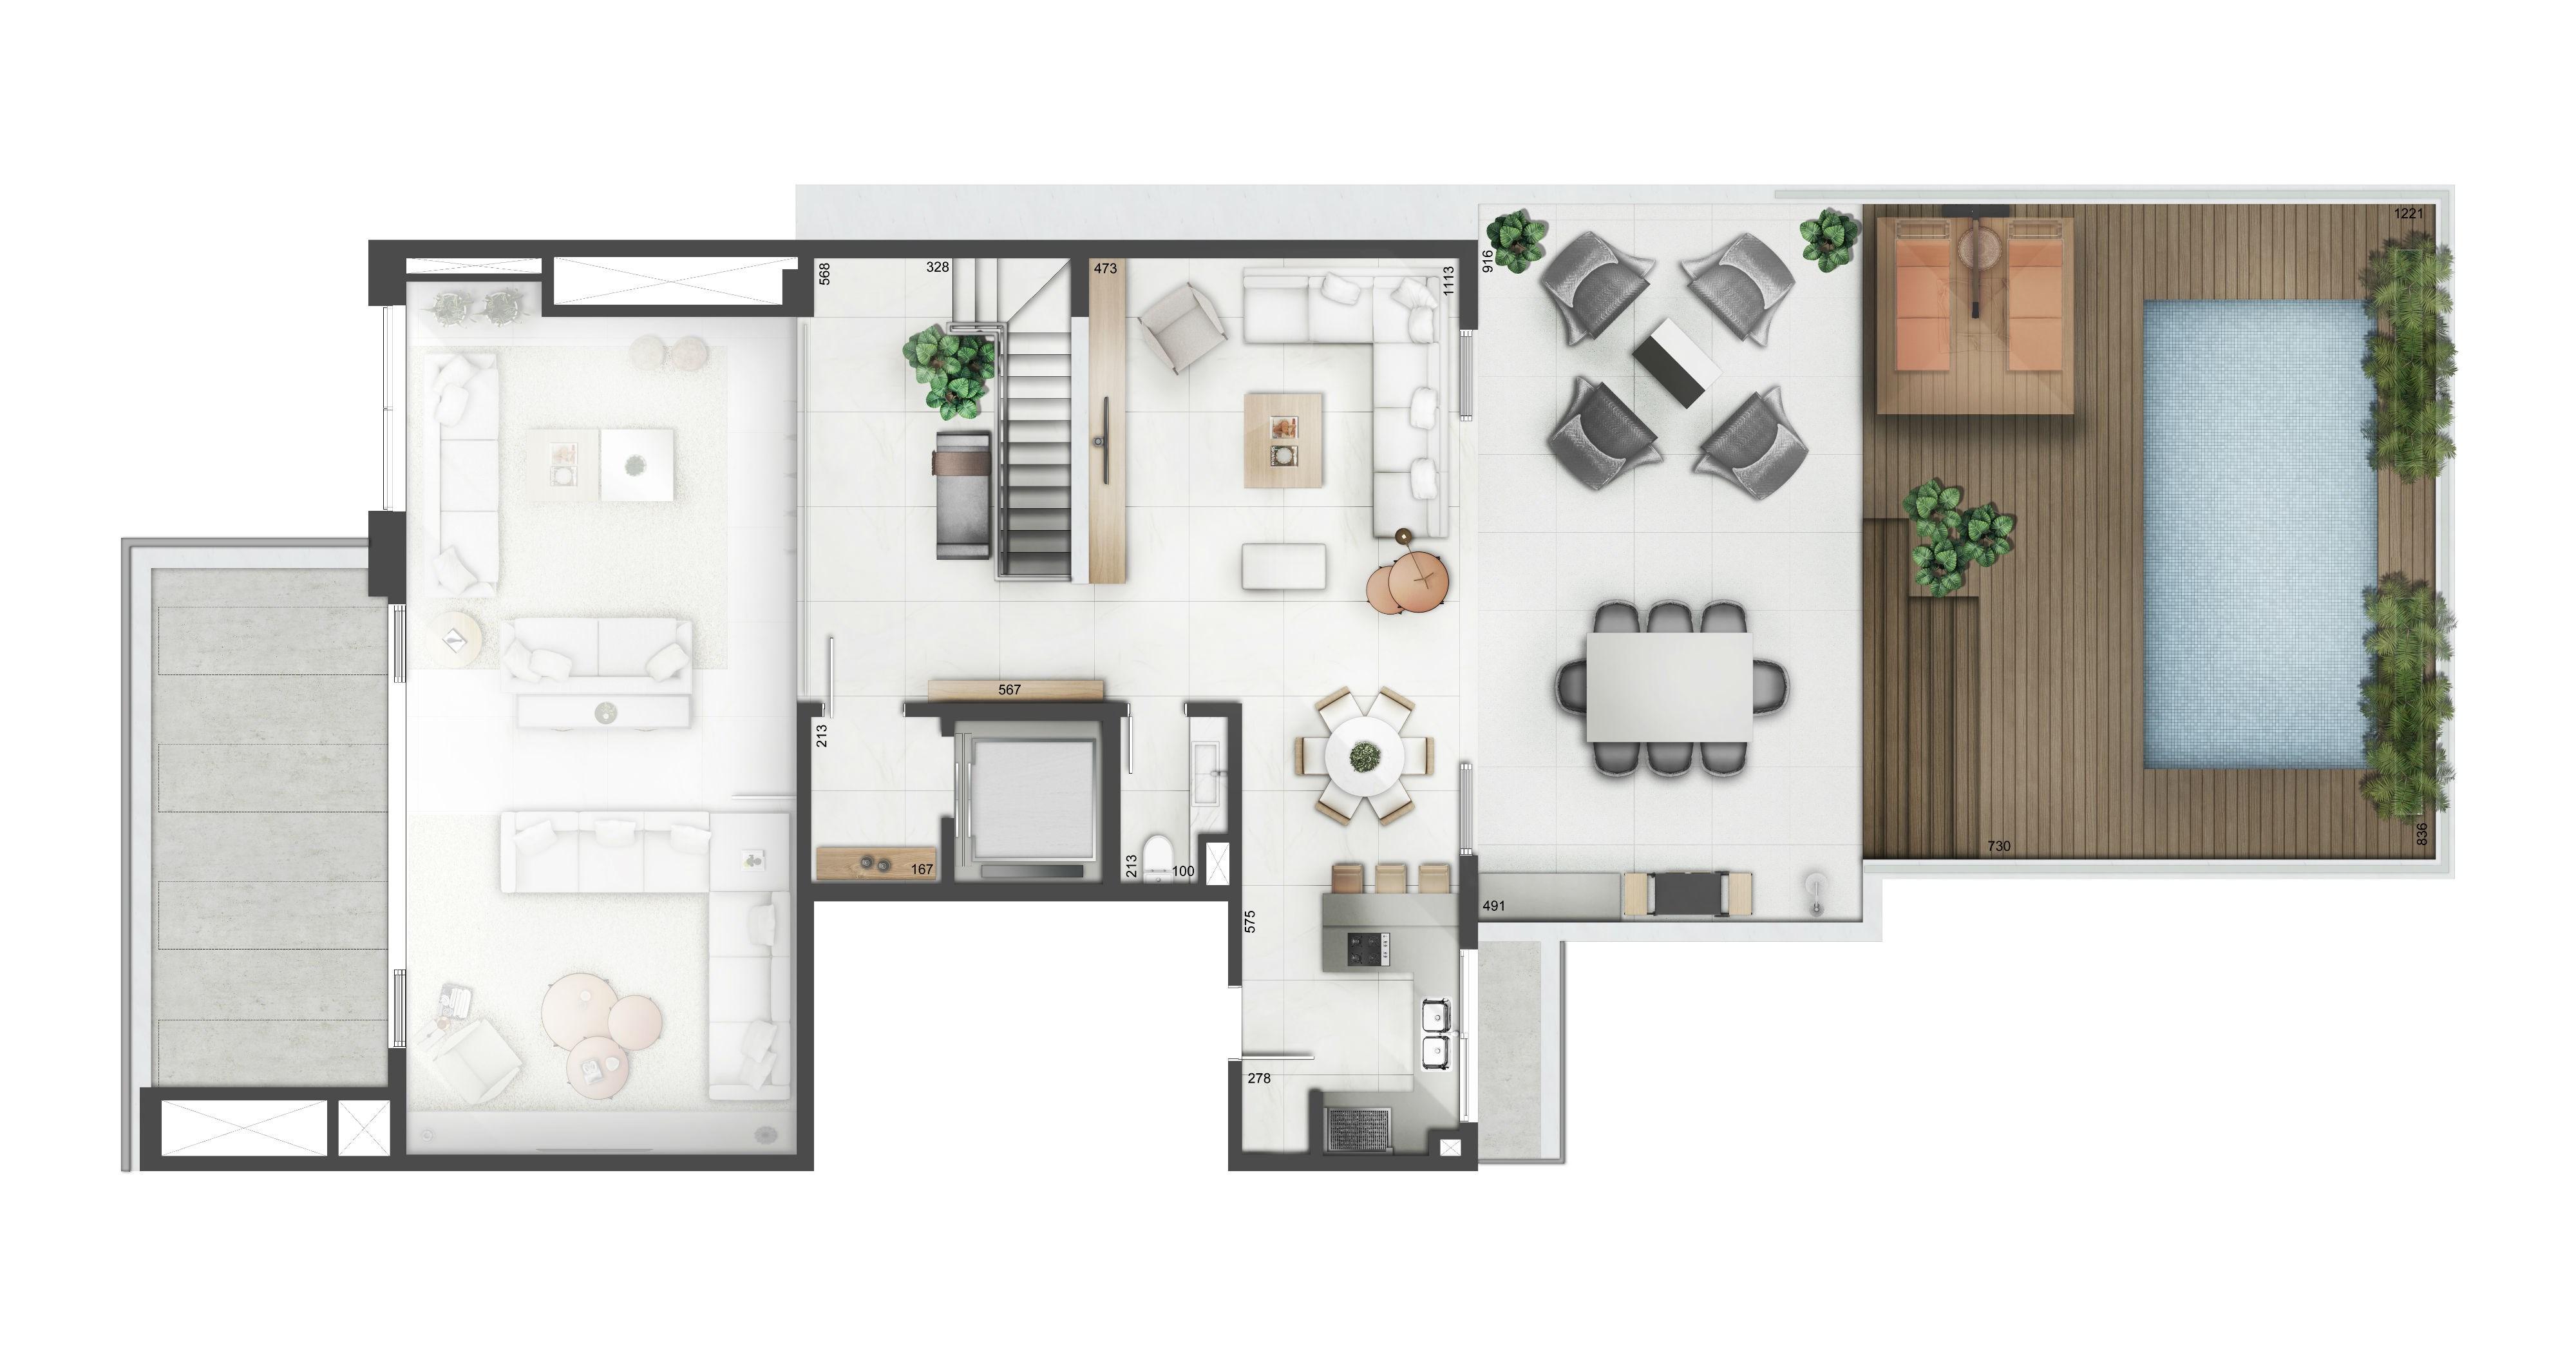 Planta apartamento YOO Moinhos